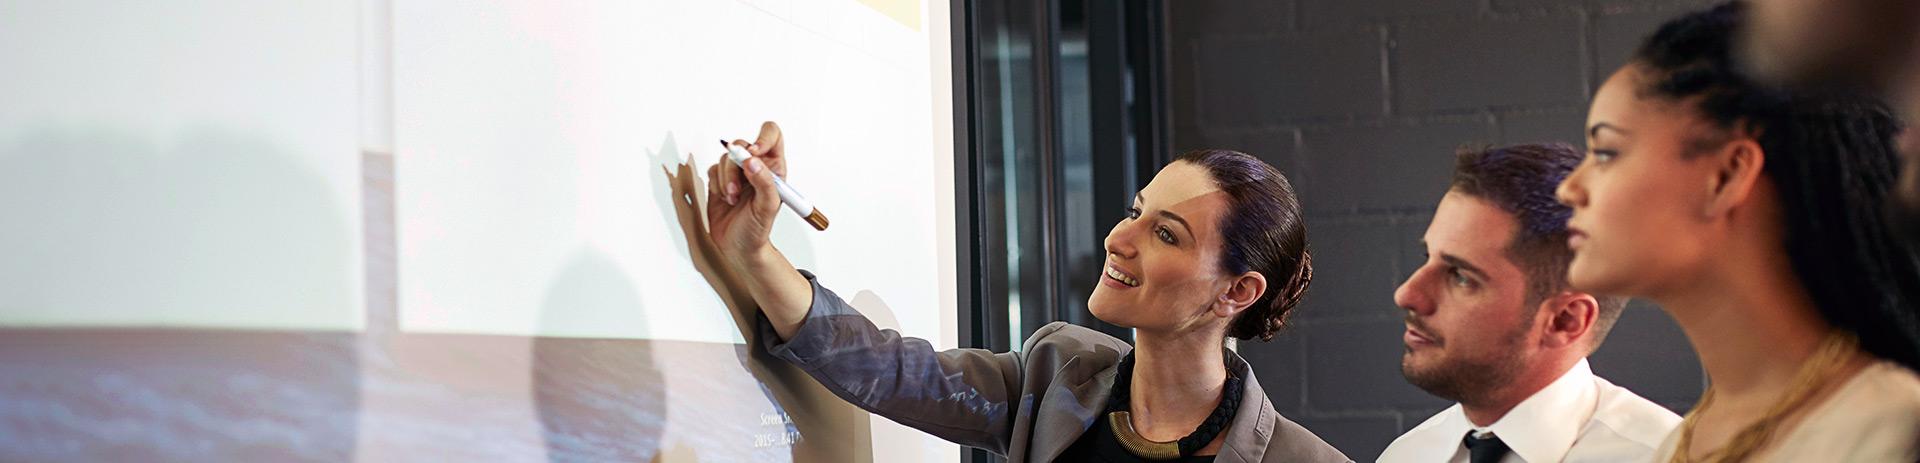 Eine Dame schreibt etwas auf ein Flipchart. Zwei Männer und eine Frau verfolgen ihre Schritte interessiert